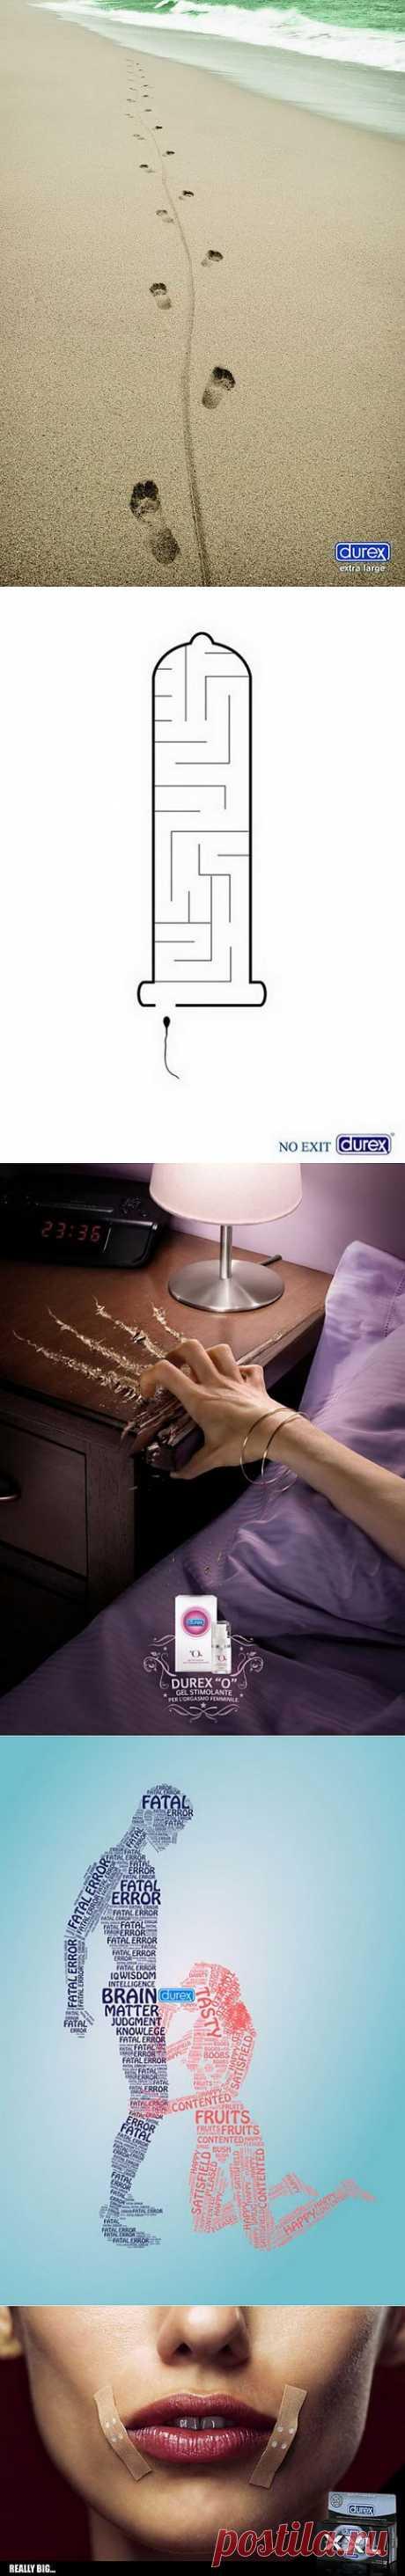 Обзор оригинальной рекламы Durex: для тех, кому не спится